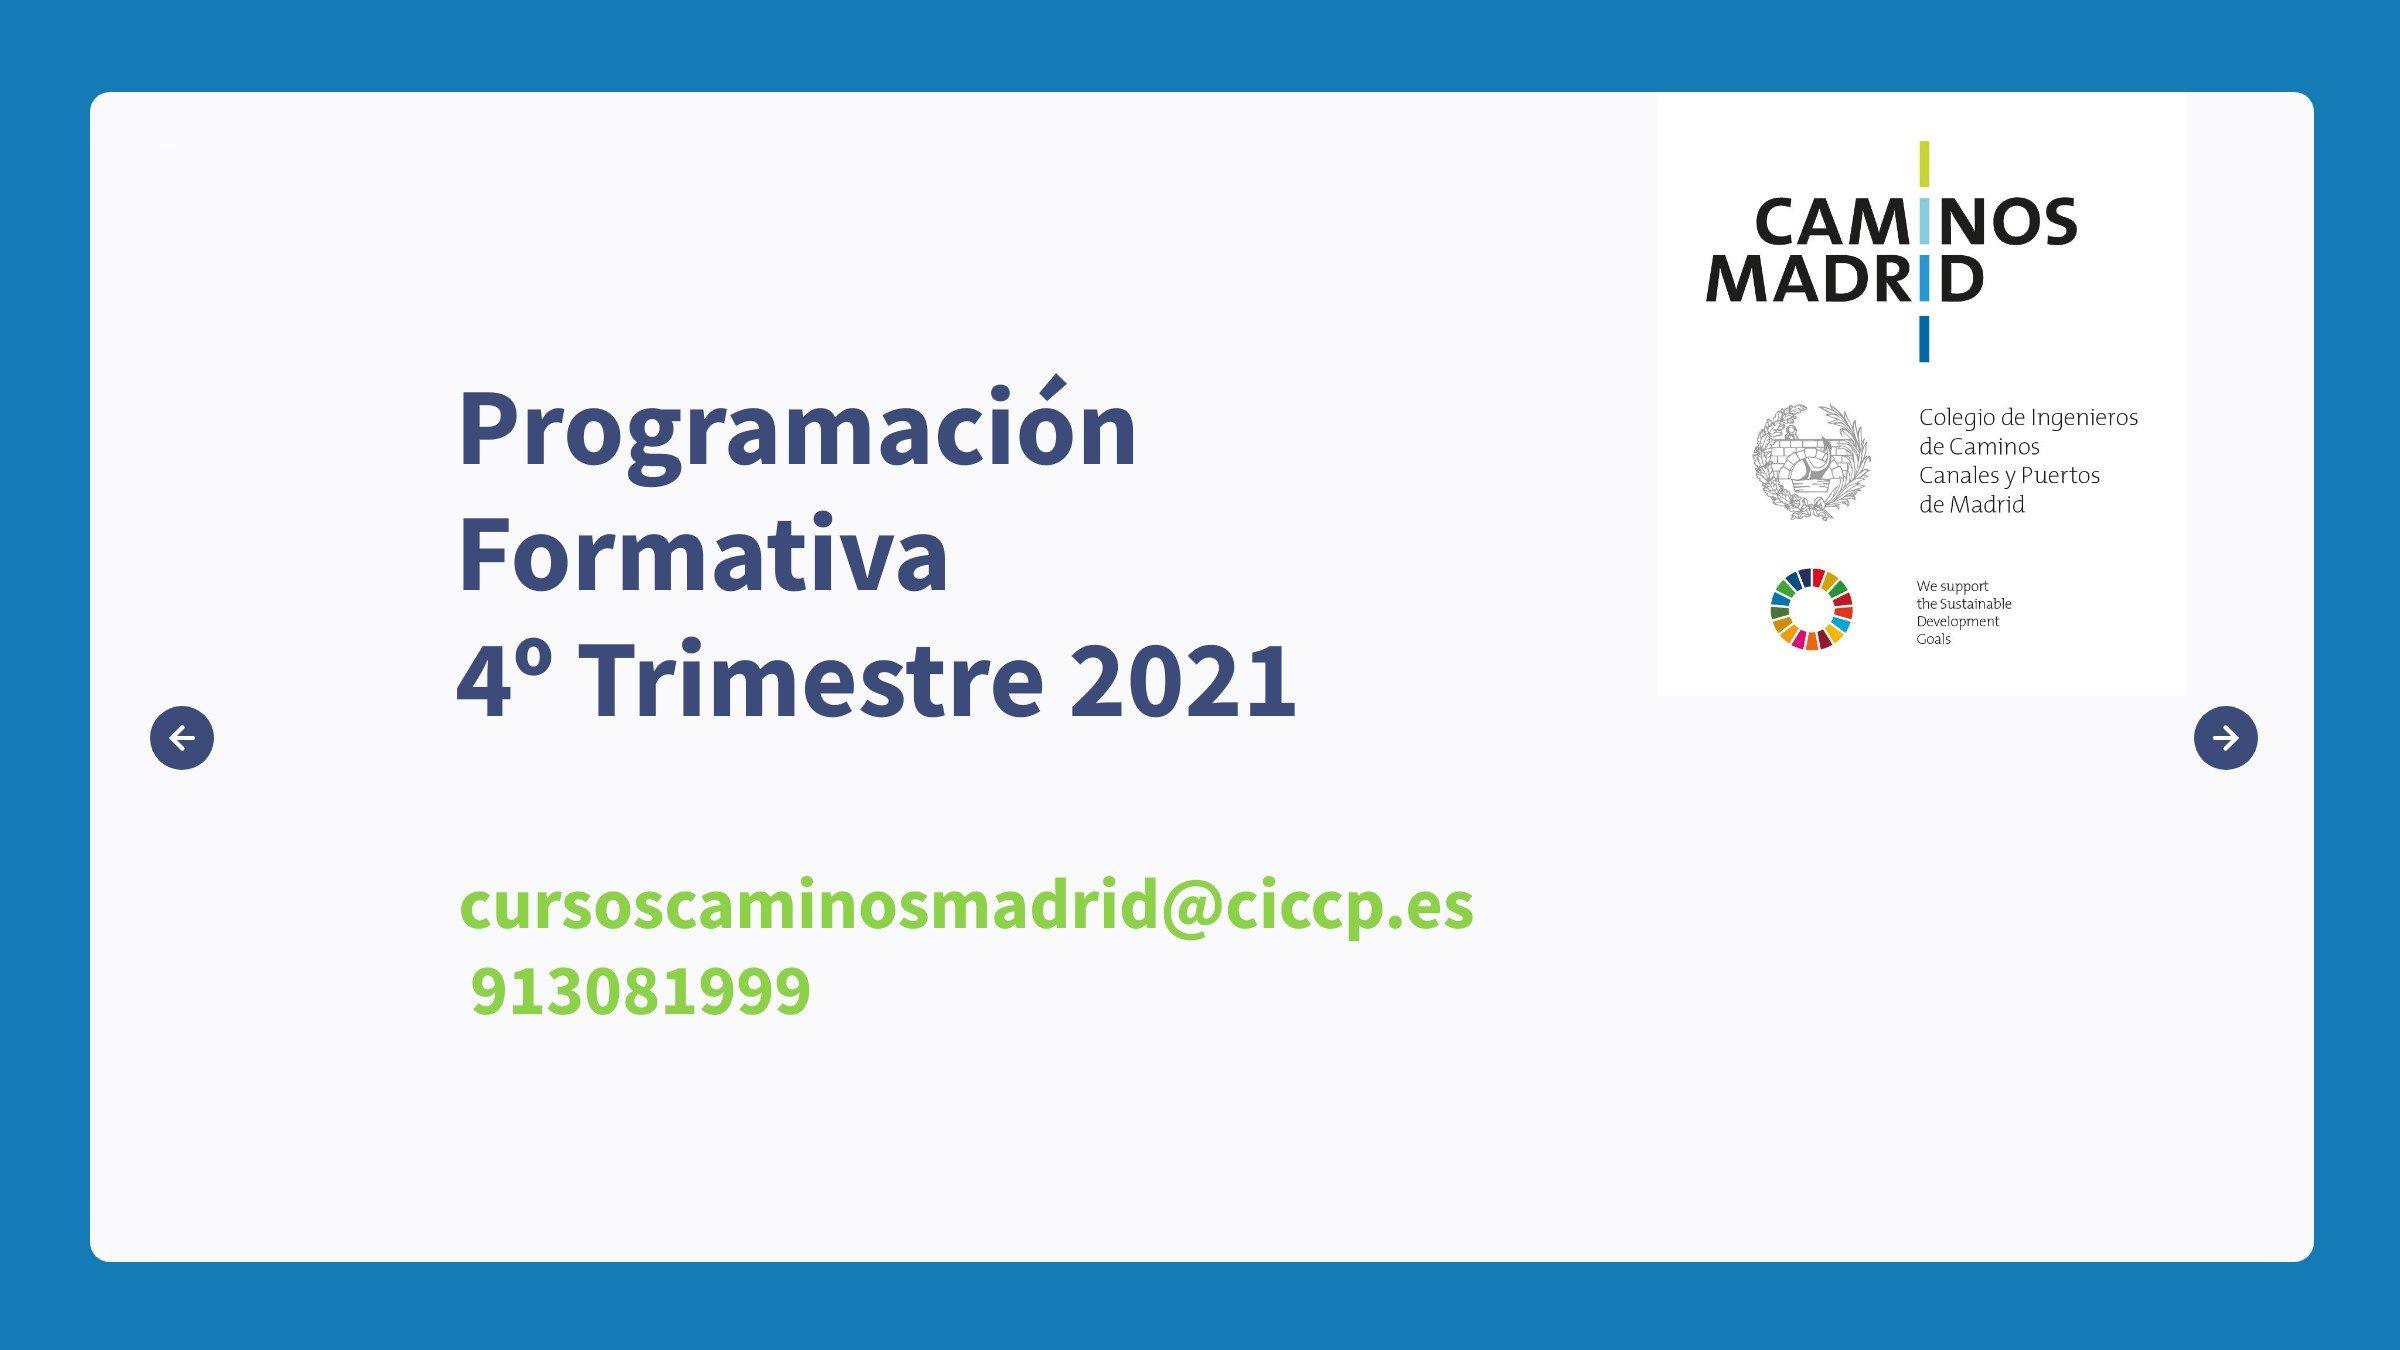 Programación Formativa 2021 4T